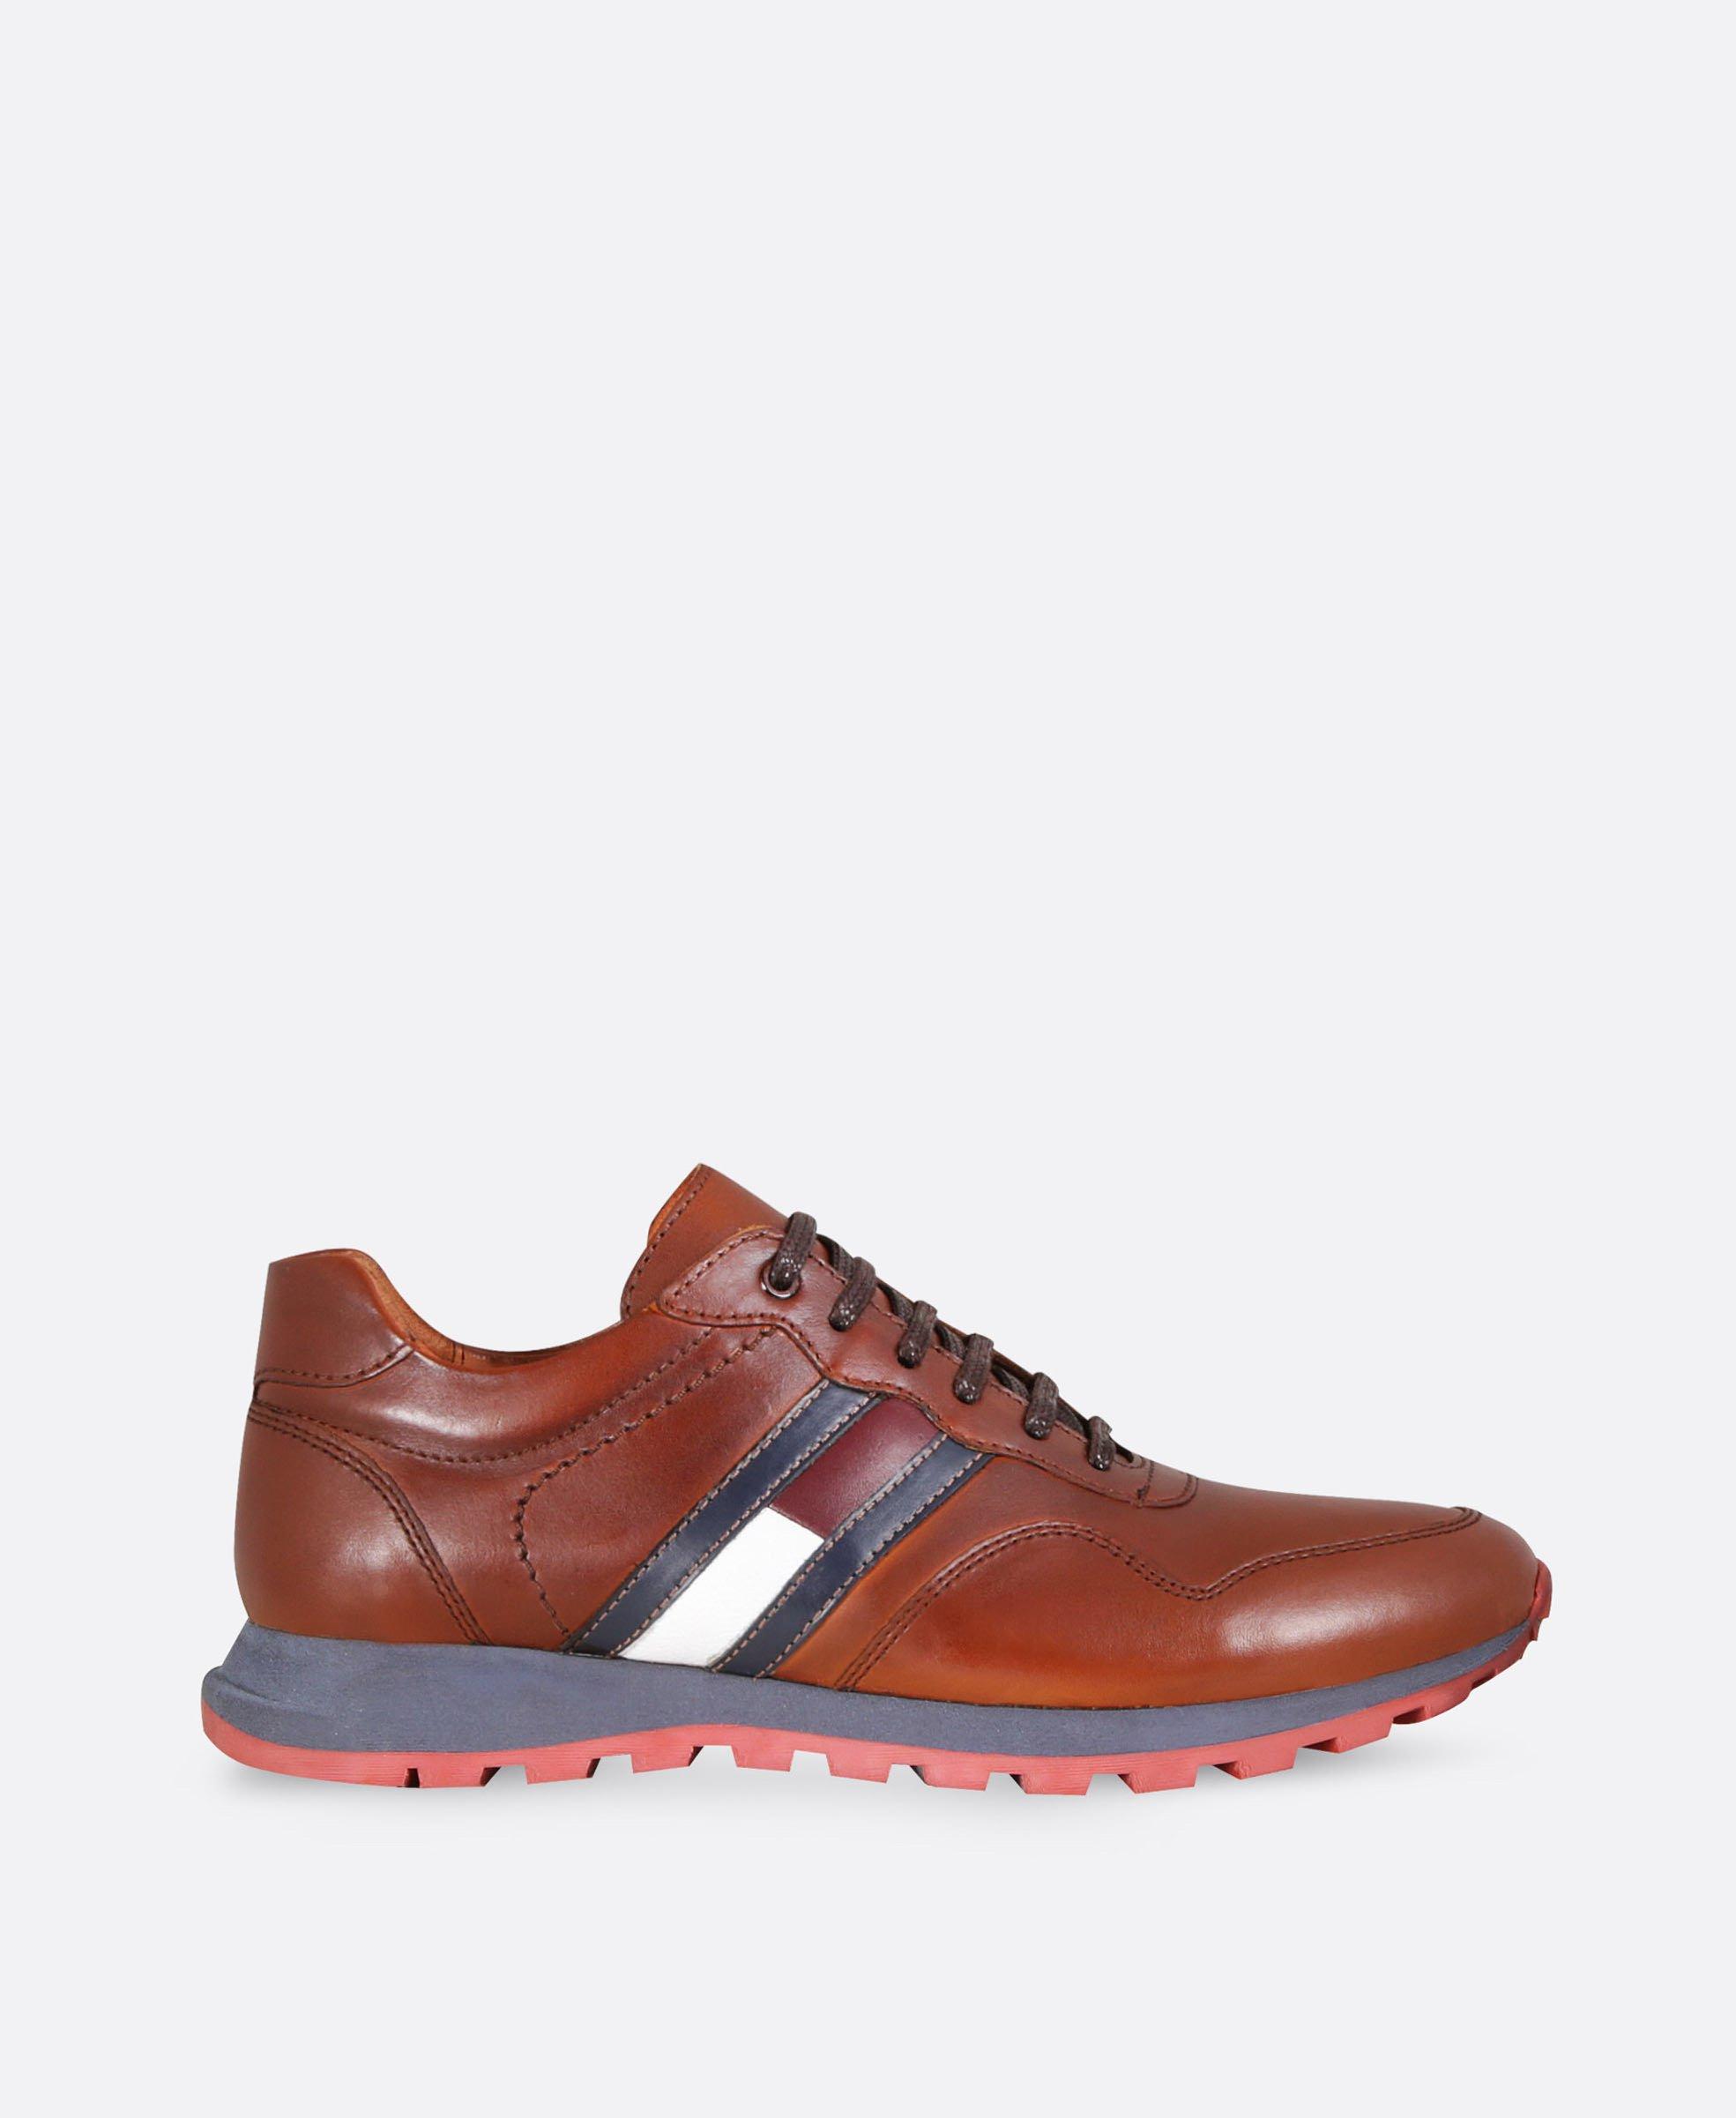 کفش کتانی مردانه چرم 3207